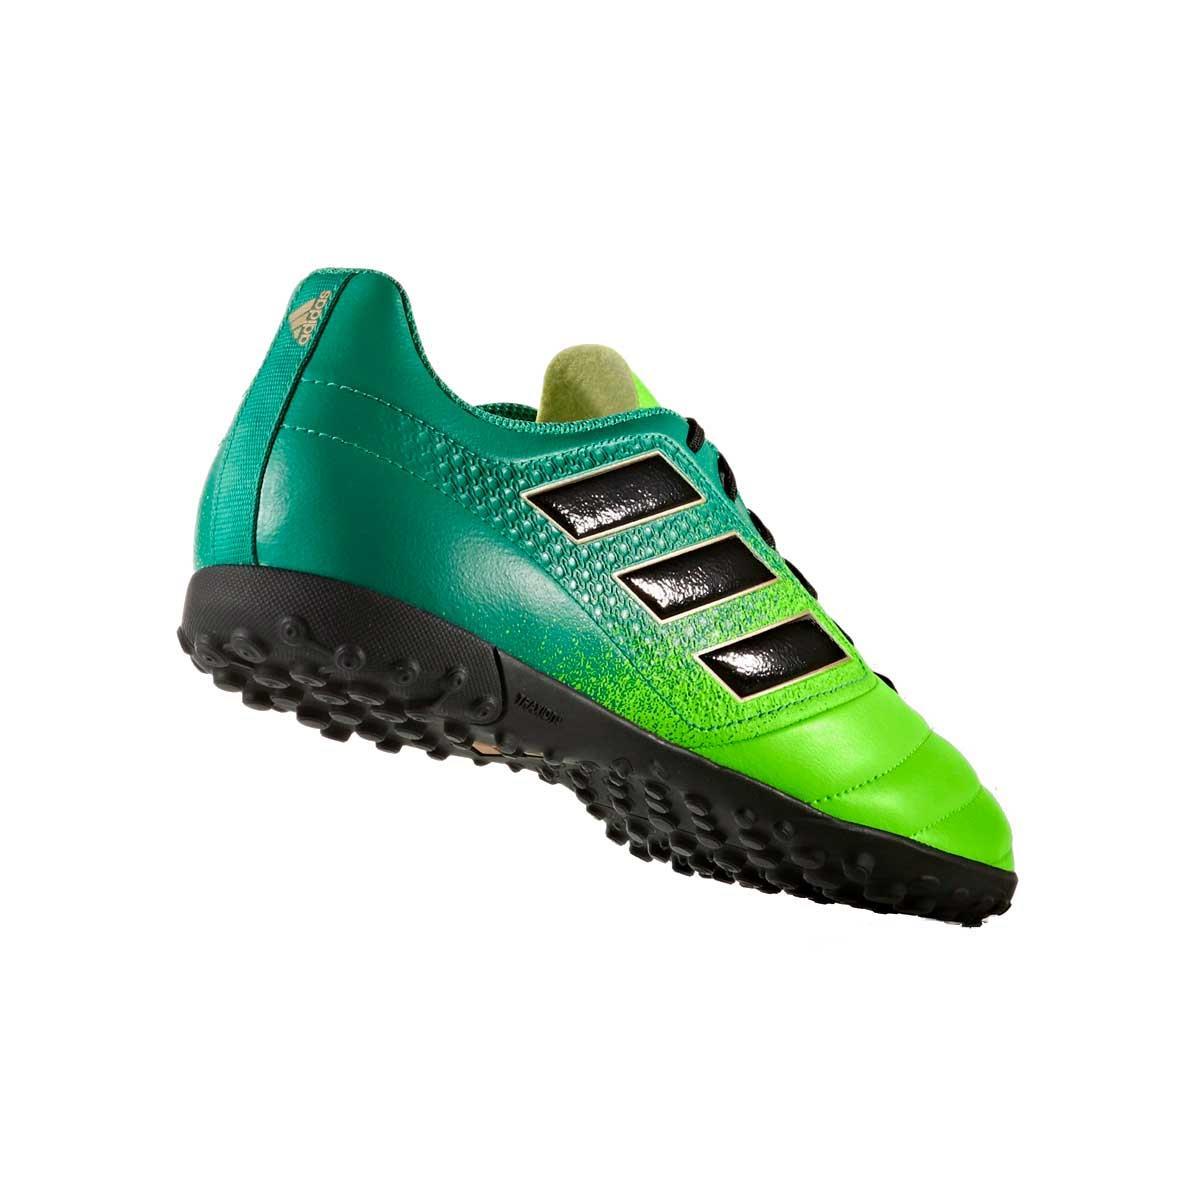 c1049e45c Chuteira Adidas Ace 17.4 TF Society